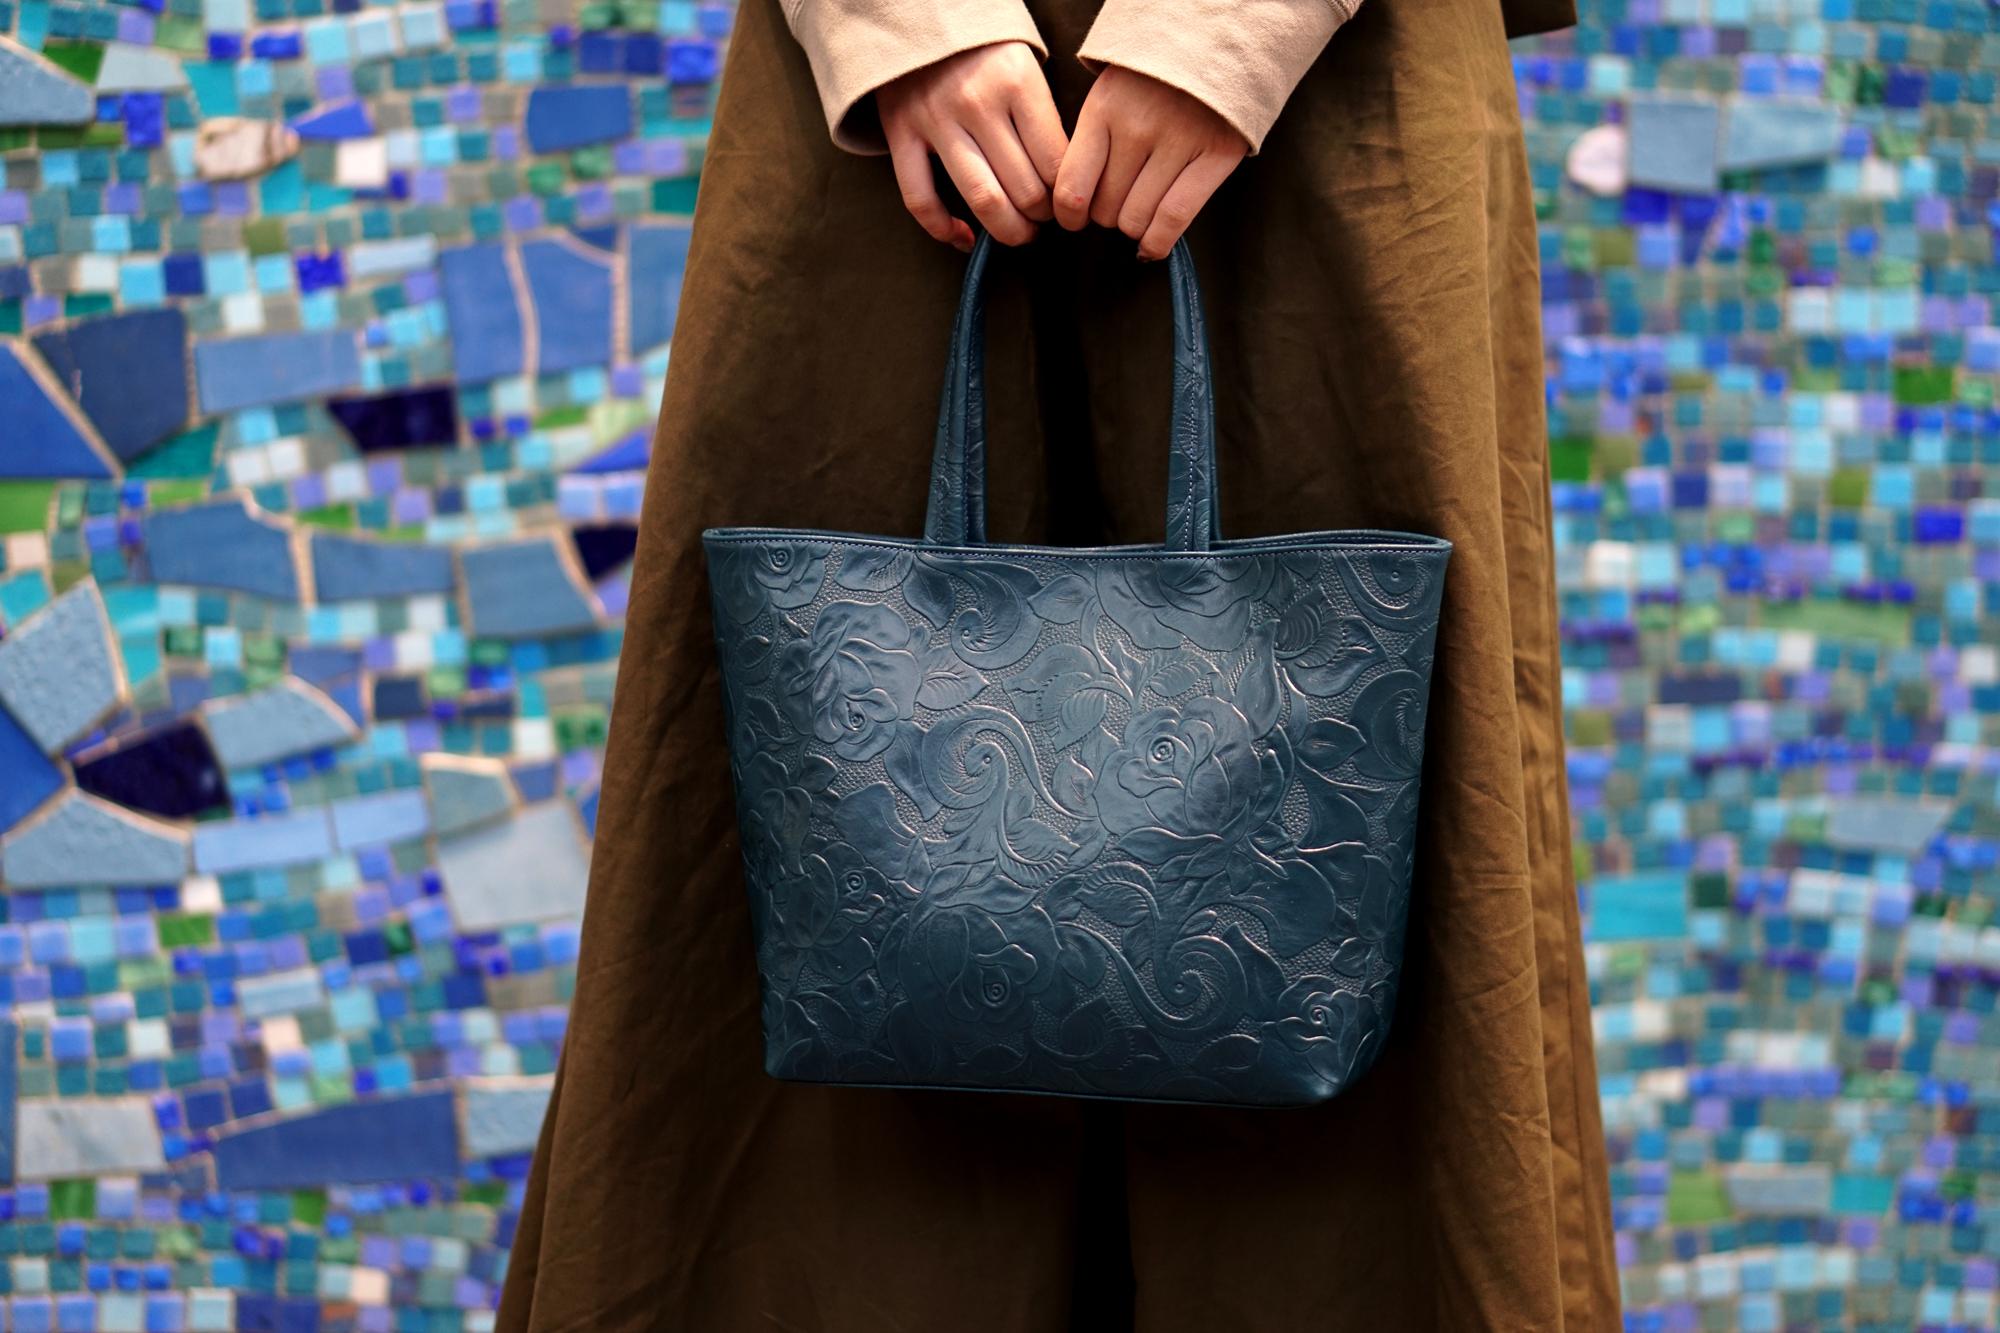 【数量限定】レトロな薔薇レザーのトートバッグ|藍色(牛革製)